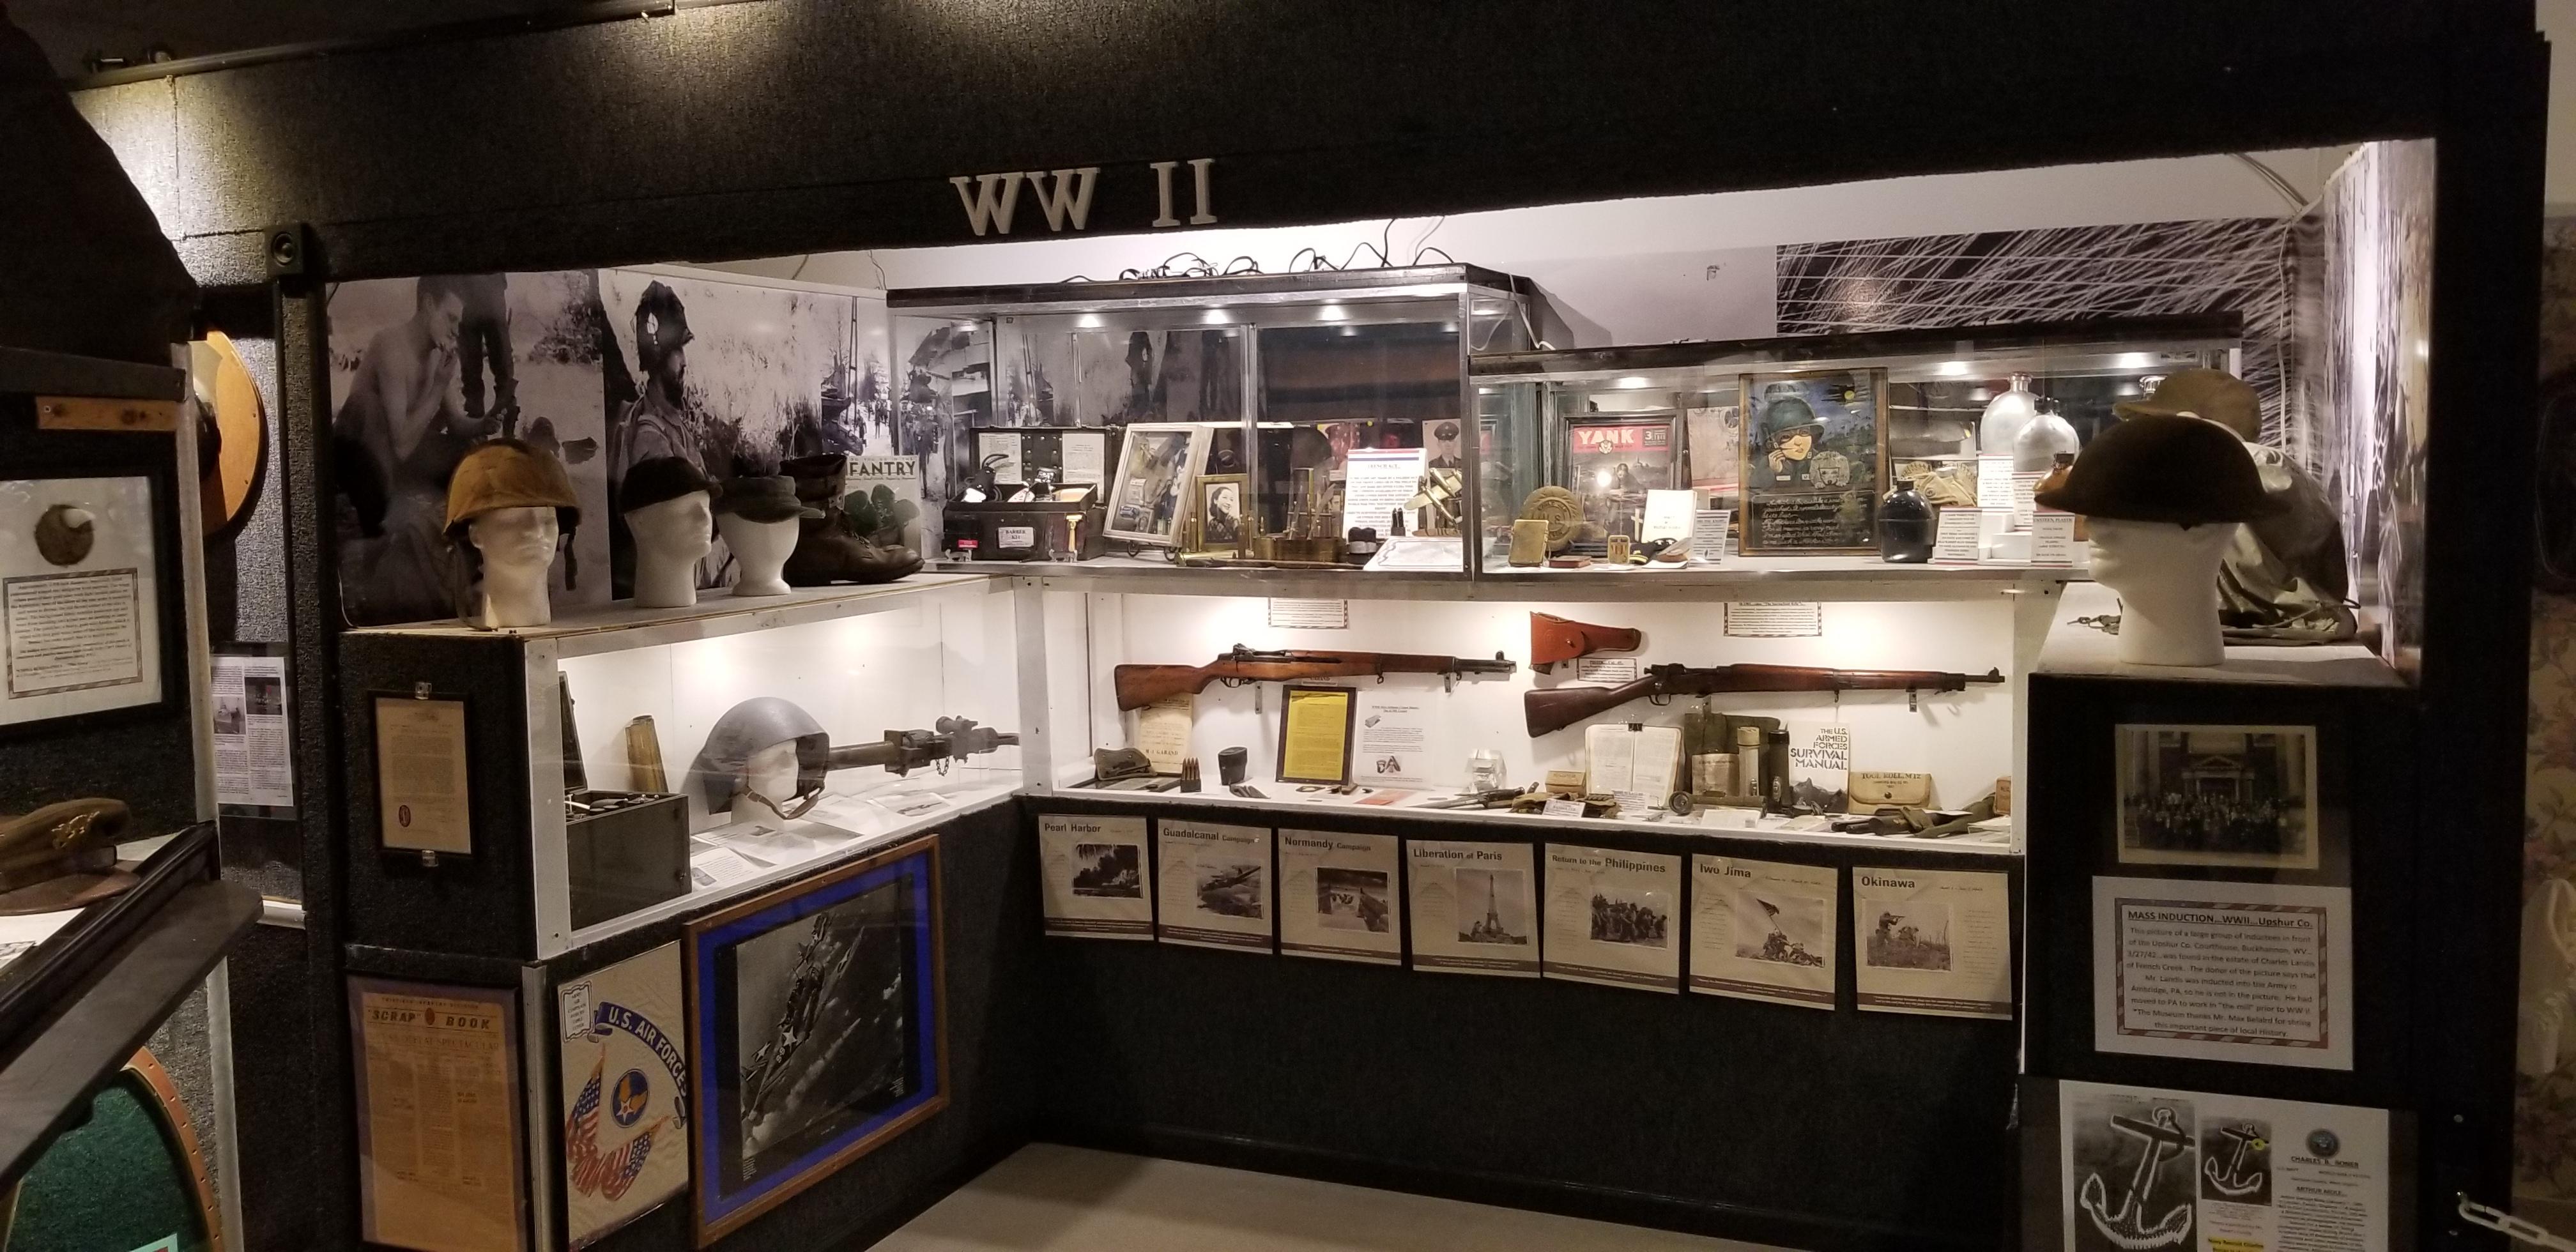 World War II weapon display